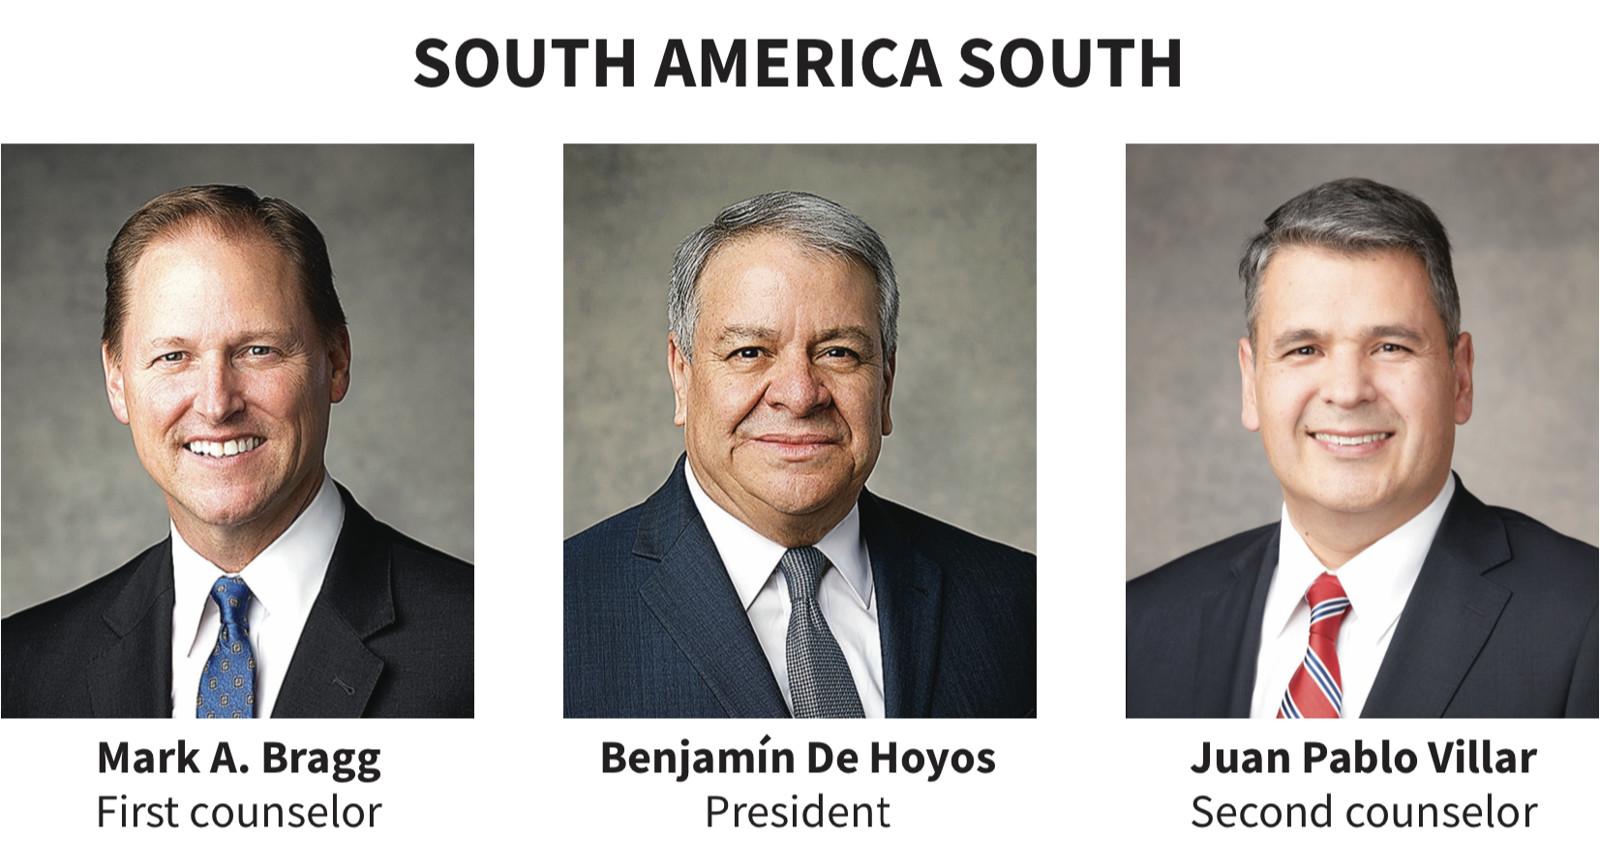 Presidencia de Área Sudamérica Sur